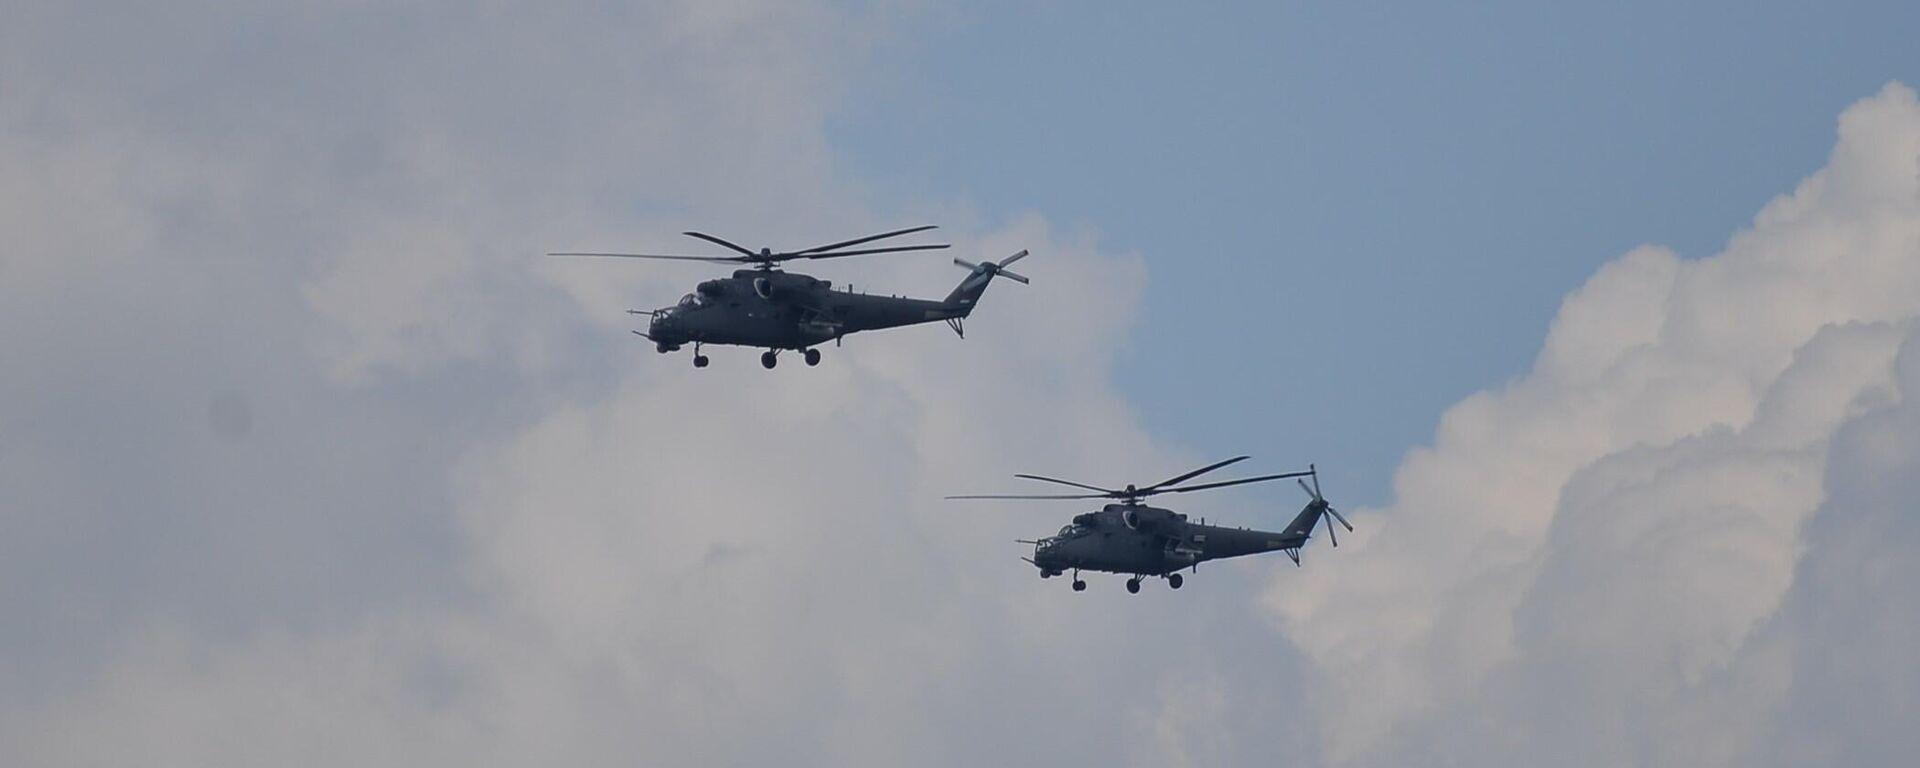 Хеликоптери Војске Србије Ми-35, познатији као ђавоље кочије или летеће тврђаве - Sputnik Србија, 1920, 01.10.2021